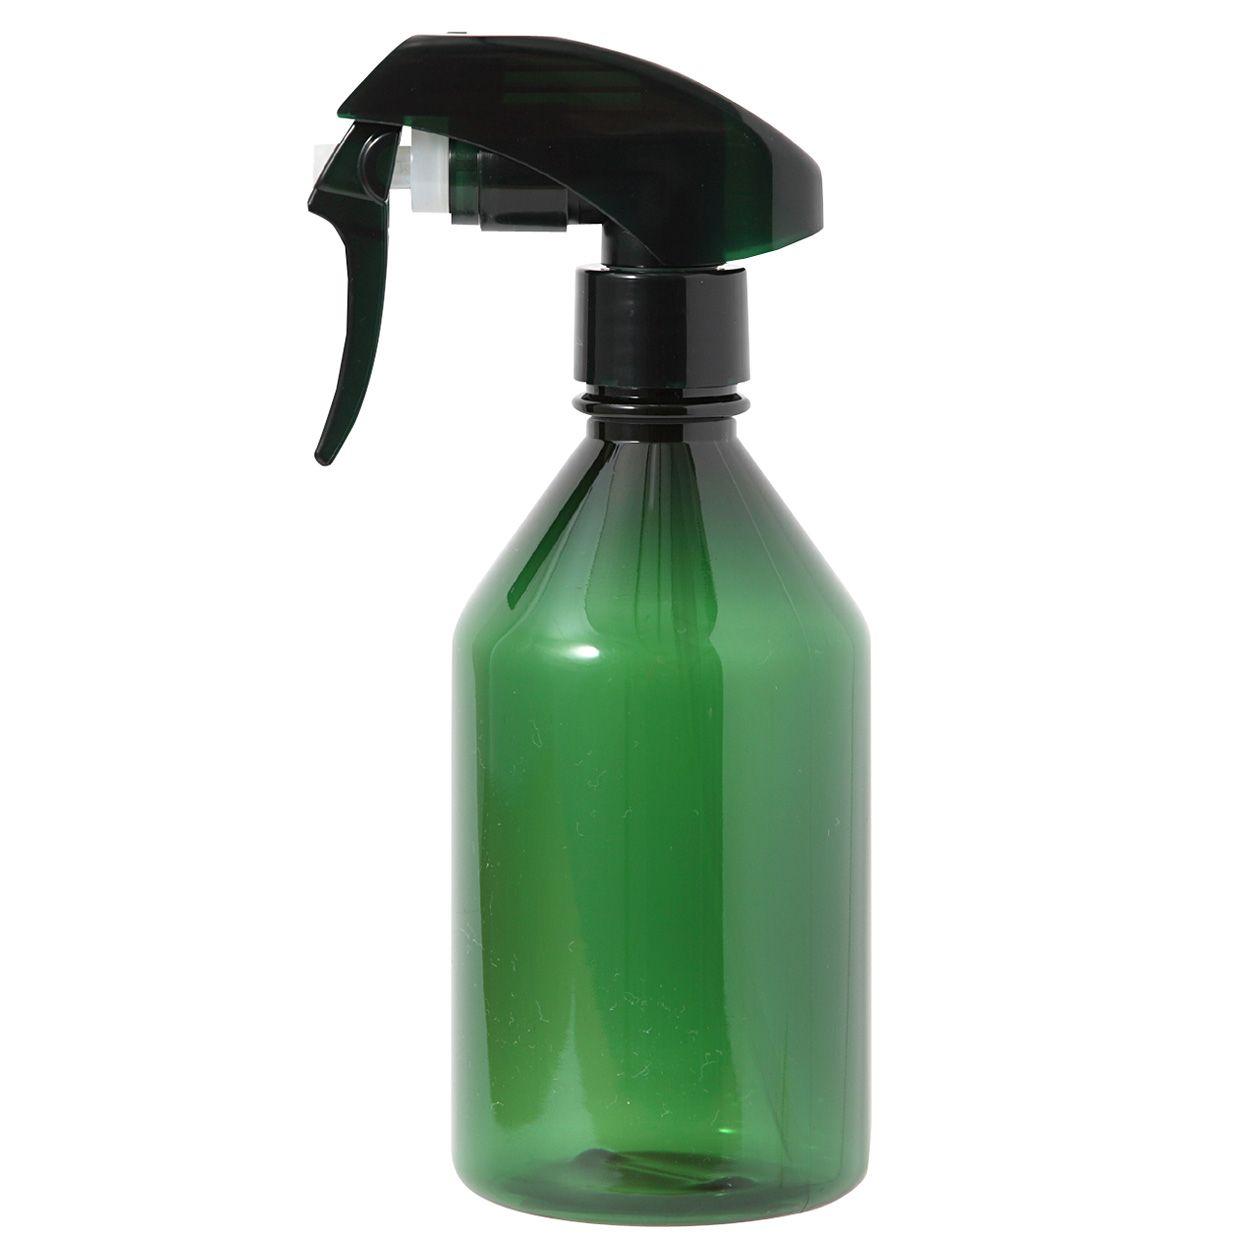 良品 ボトル 無印 スプレー